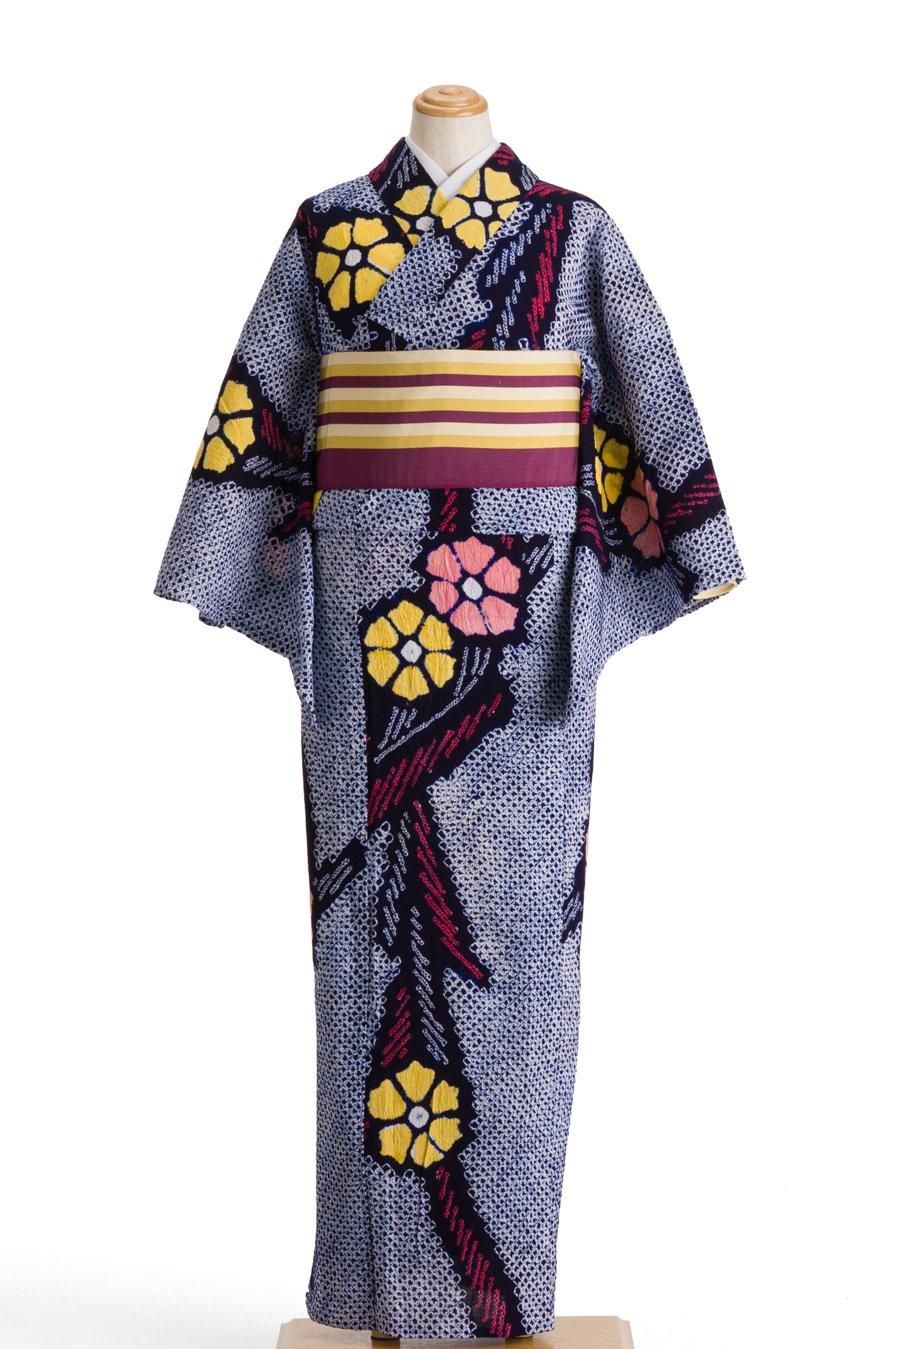 「絞りの浴衣 二色の花とシャープな葉」の商品画像